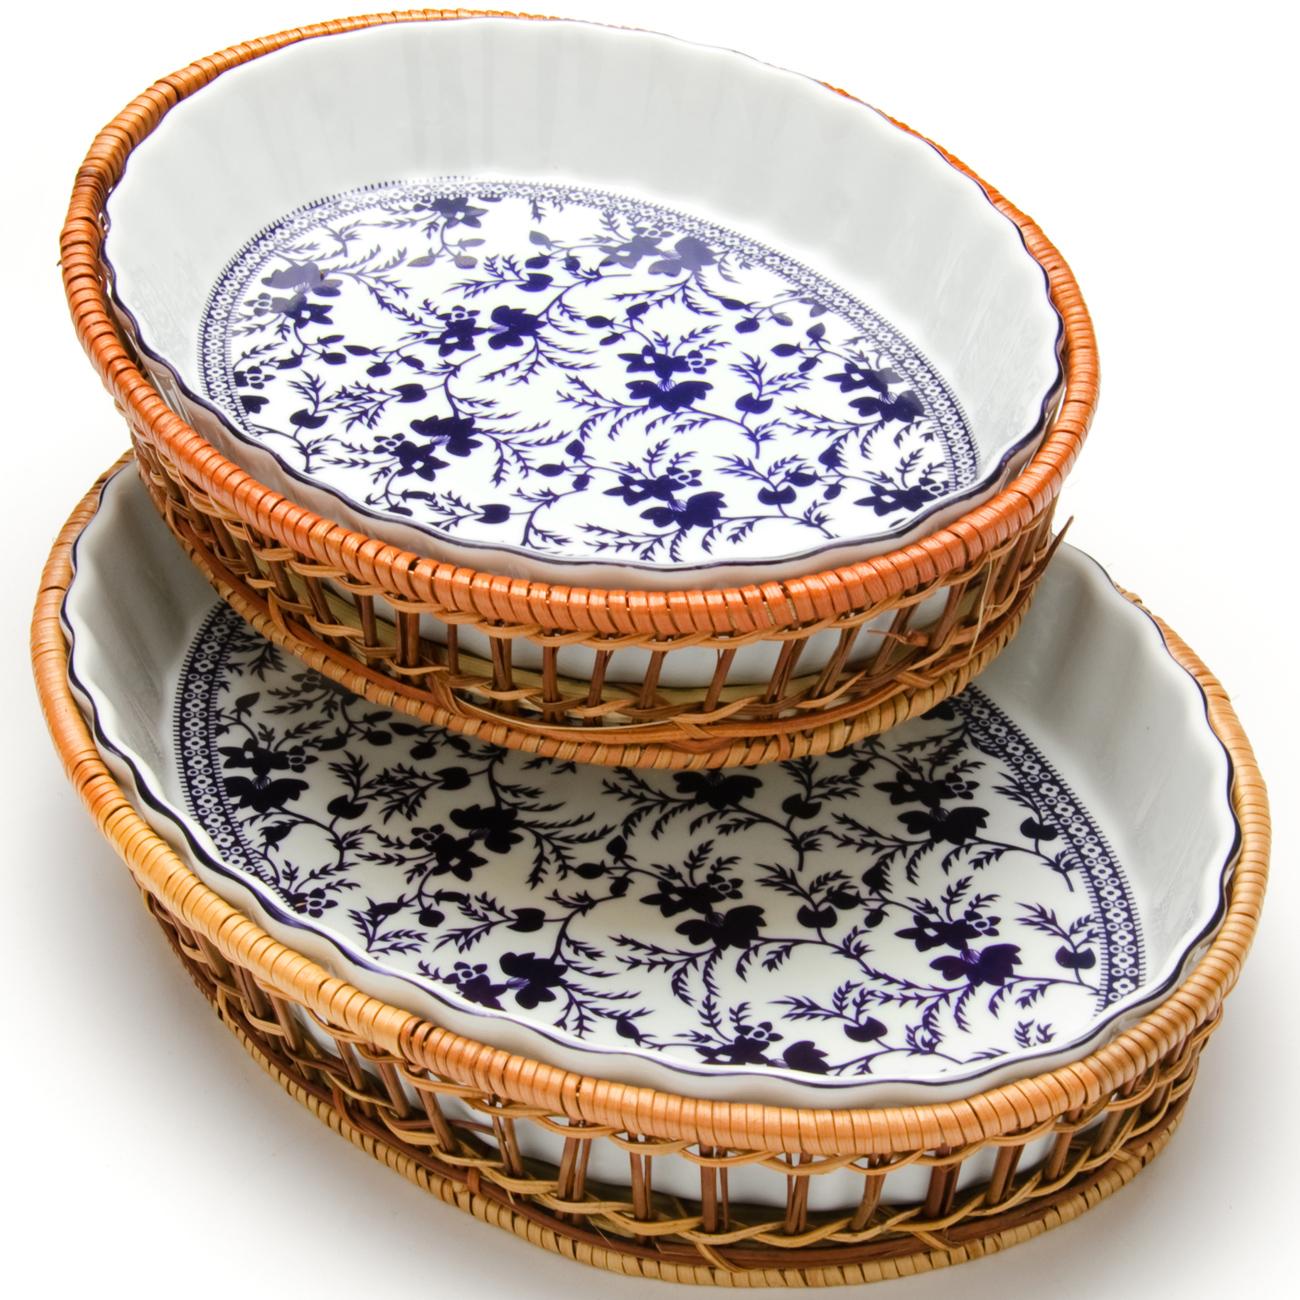 Набор форм Mayer & Boch Узор, 2 предмета. 2480068/5/2Форма для запекания Mayer & Boch выполнена из высококачественного фарфора белого цвета и оформлена красочным изображением цветов. Плетеная корзина, в которую вставляется форма, послужит красивой и оригинальной подставкой. Фарфоровая посуда выдерживает высокие перепады температуры, поэтому ее можно использовать в духовке, микроволновой печи, а также для хранения пищи в холодильнике. Можно мыть в посудомоечной машине. Форма для запекания Mayer & Boch прекрасно подойдет для запекания овощей, мяса и других блюд, а оригинальный дизайн и яркое оформление украсят ваш стол.Размеры: 33 х 23 х 5 см, 7 х 20,5 х 4 см.Объем: 2,1 л, 1,6 л.